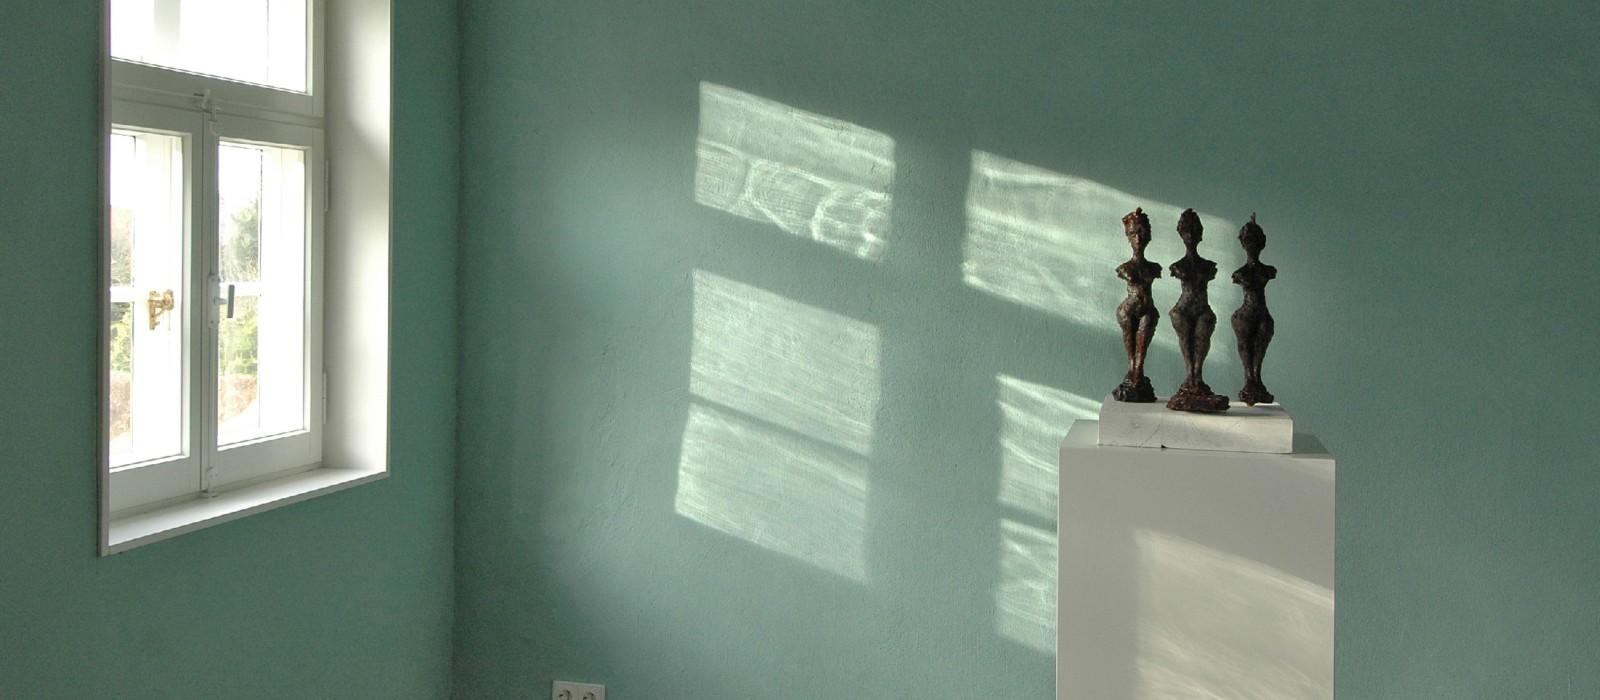 3 menschliche Glasskulpturen